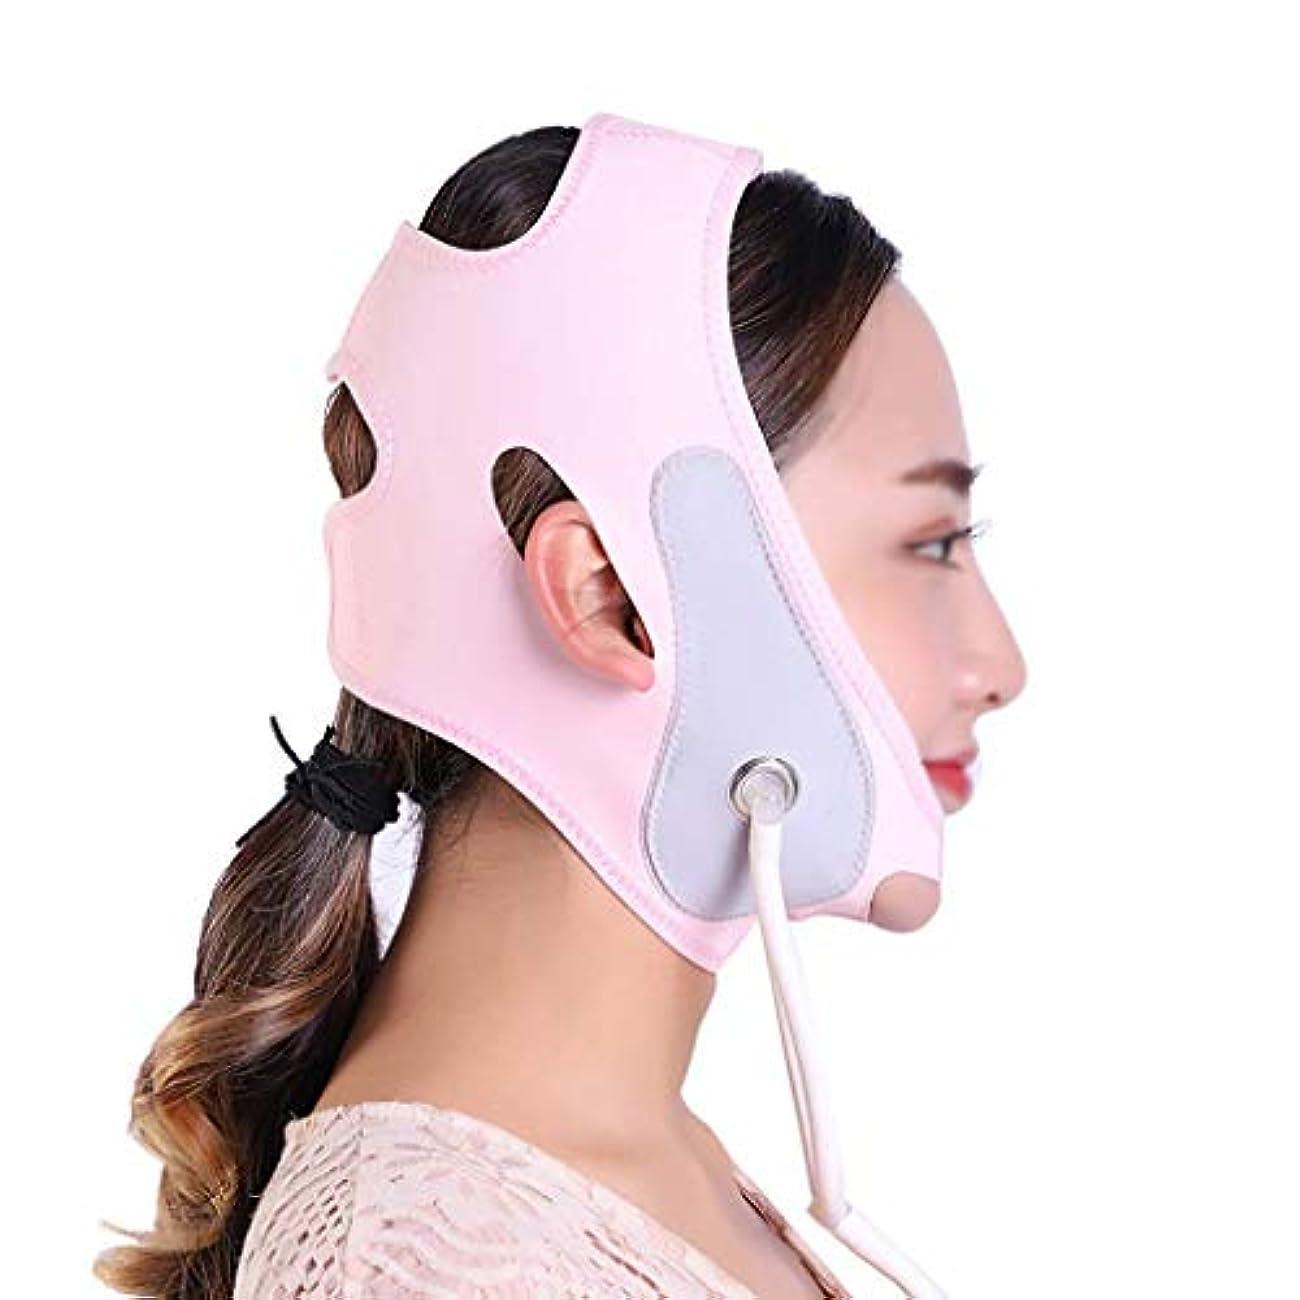 より多い運搬銅フェイスアンドネックリフトポストエラスティックスリーブ薄いフェイスマスク引き締め肌の改善咬筋リフティング収縮薄いフェイス弾性包帯Vフェイスアーティファクト